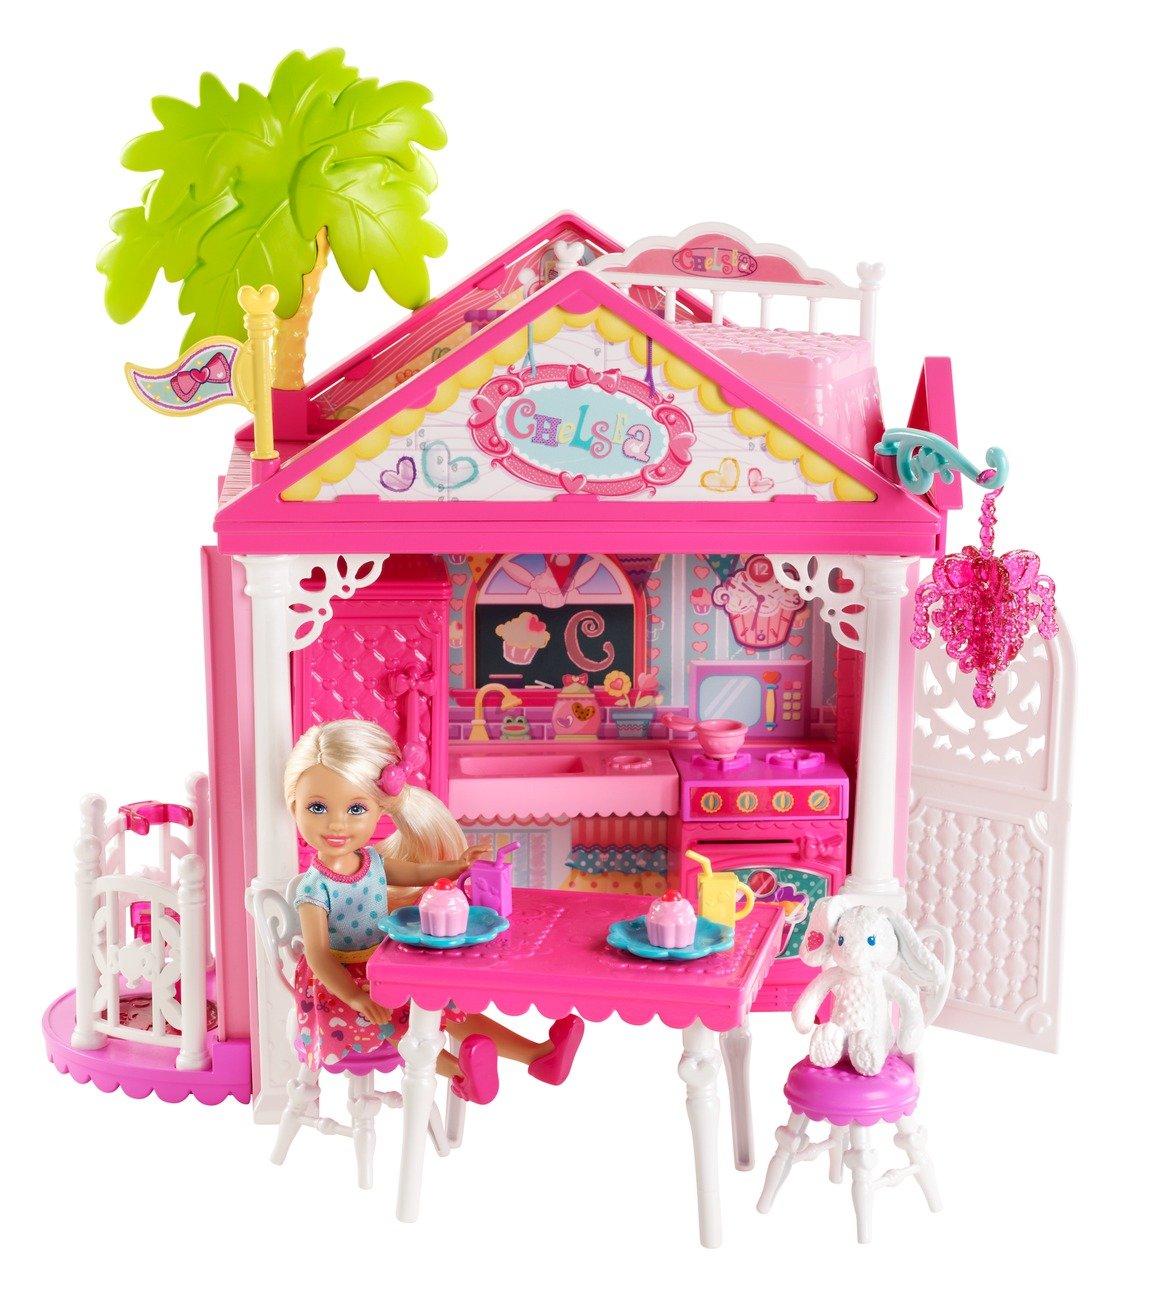 Nuevos productos de artículos novedosos. Barato Mattel BDG50 casa de muñecas - - - casas de muñecas Multi  tienda